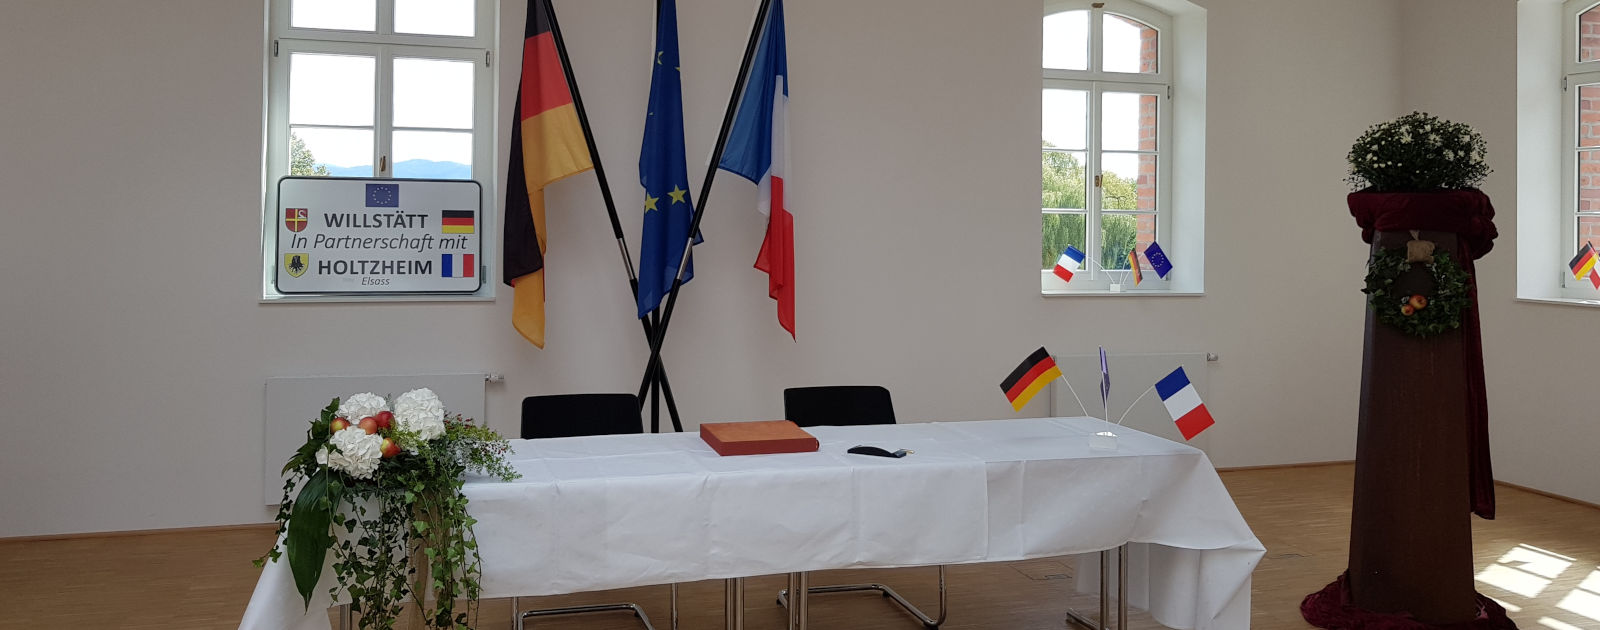 Bürgersaal vor Unterzeichung Partnerschaftsurkunden Willstätt und Holtzheim